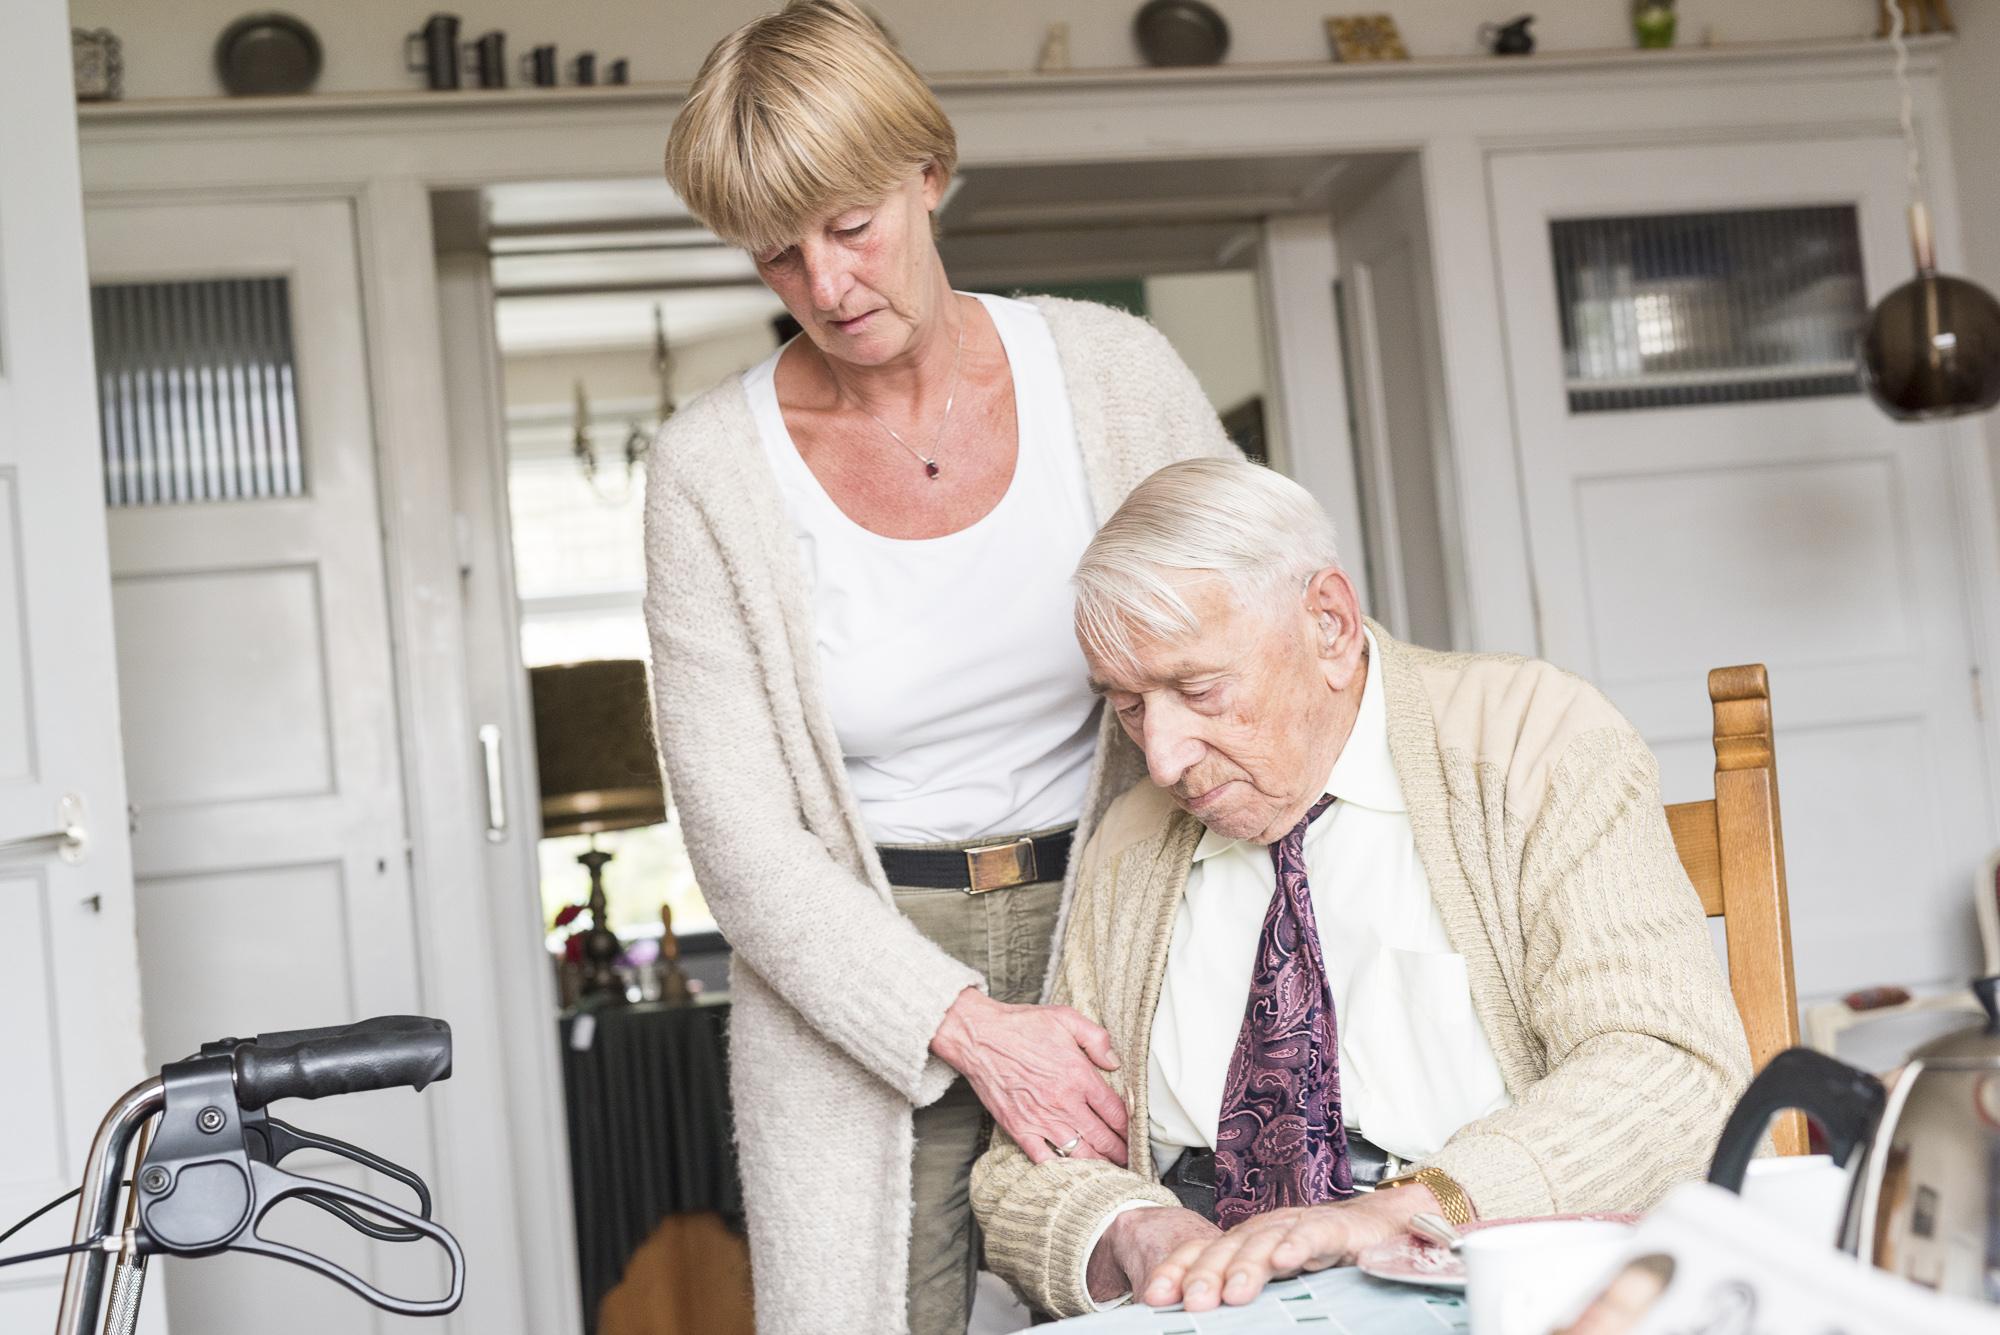 Thuiszorg vacatures waaronder helpende